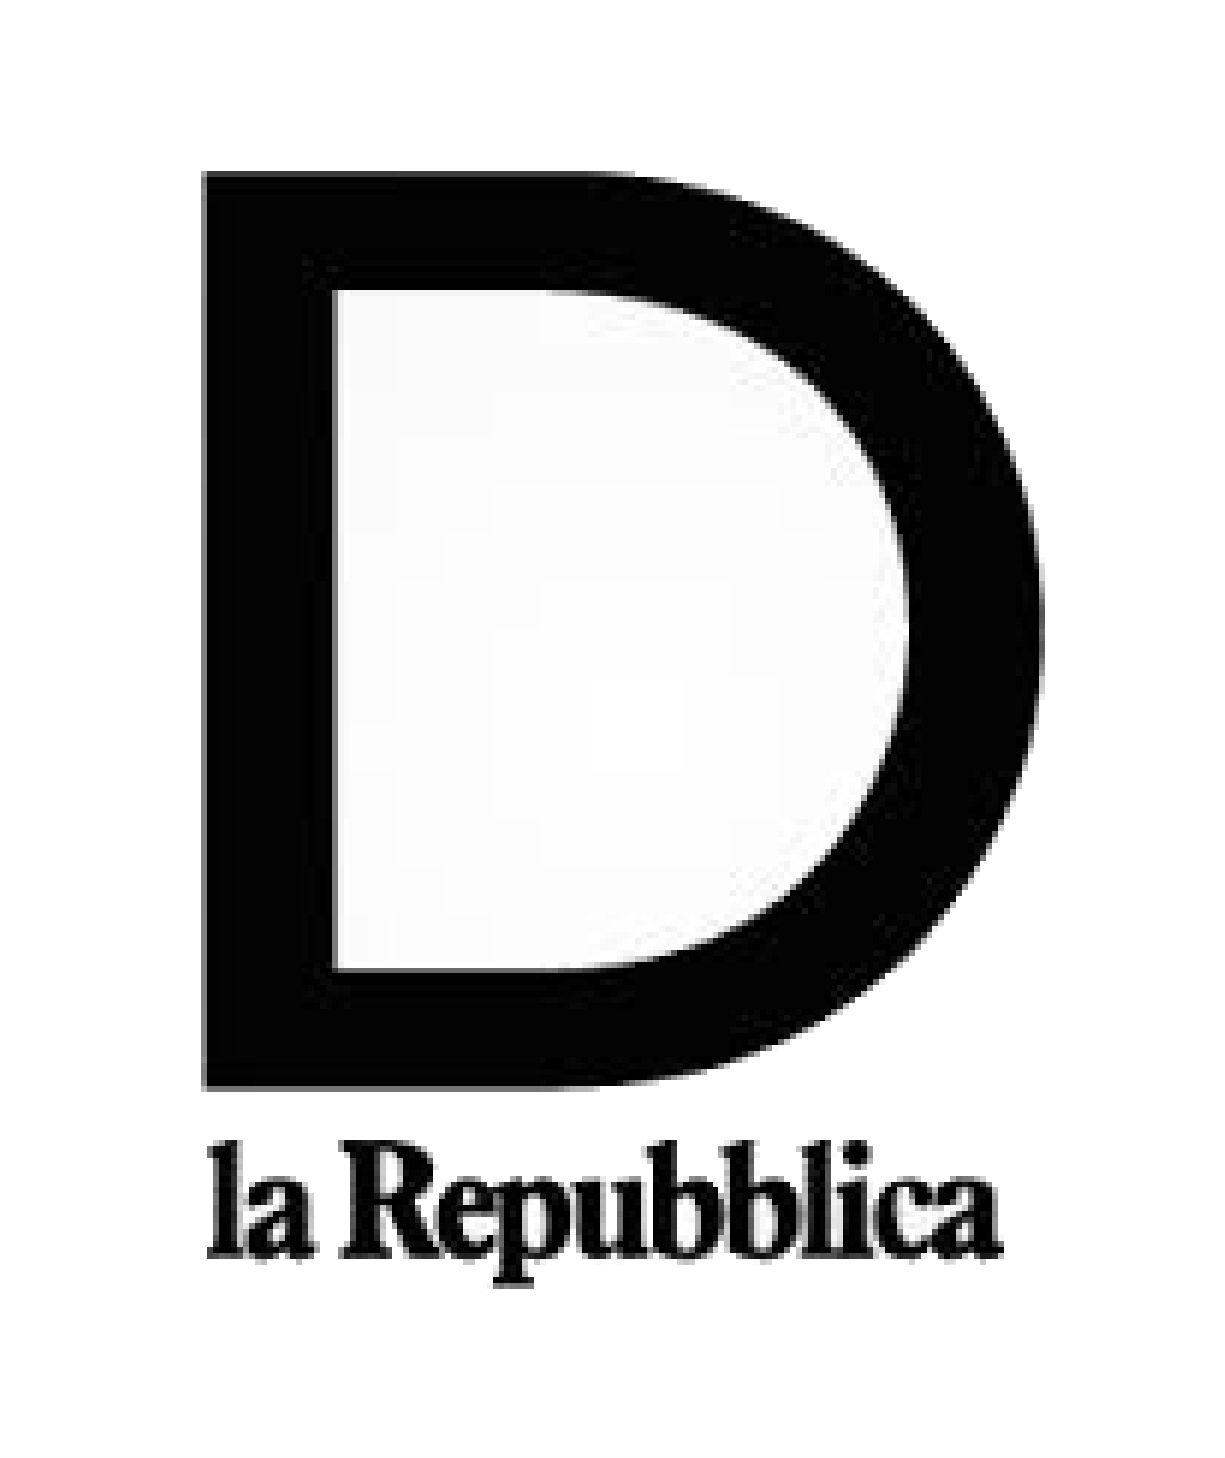 DLaRepubblica-01.jpg